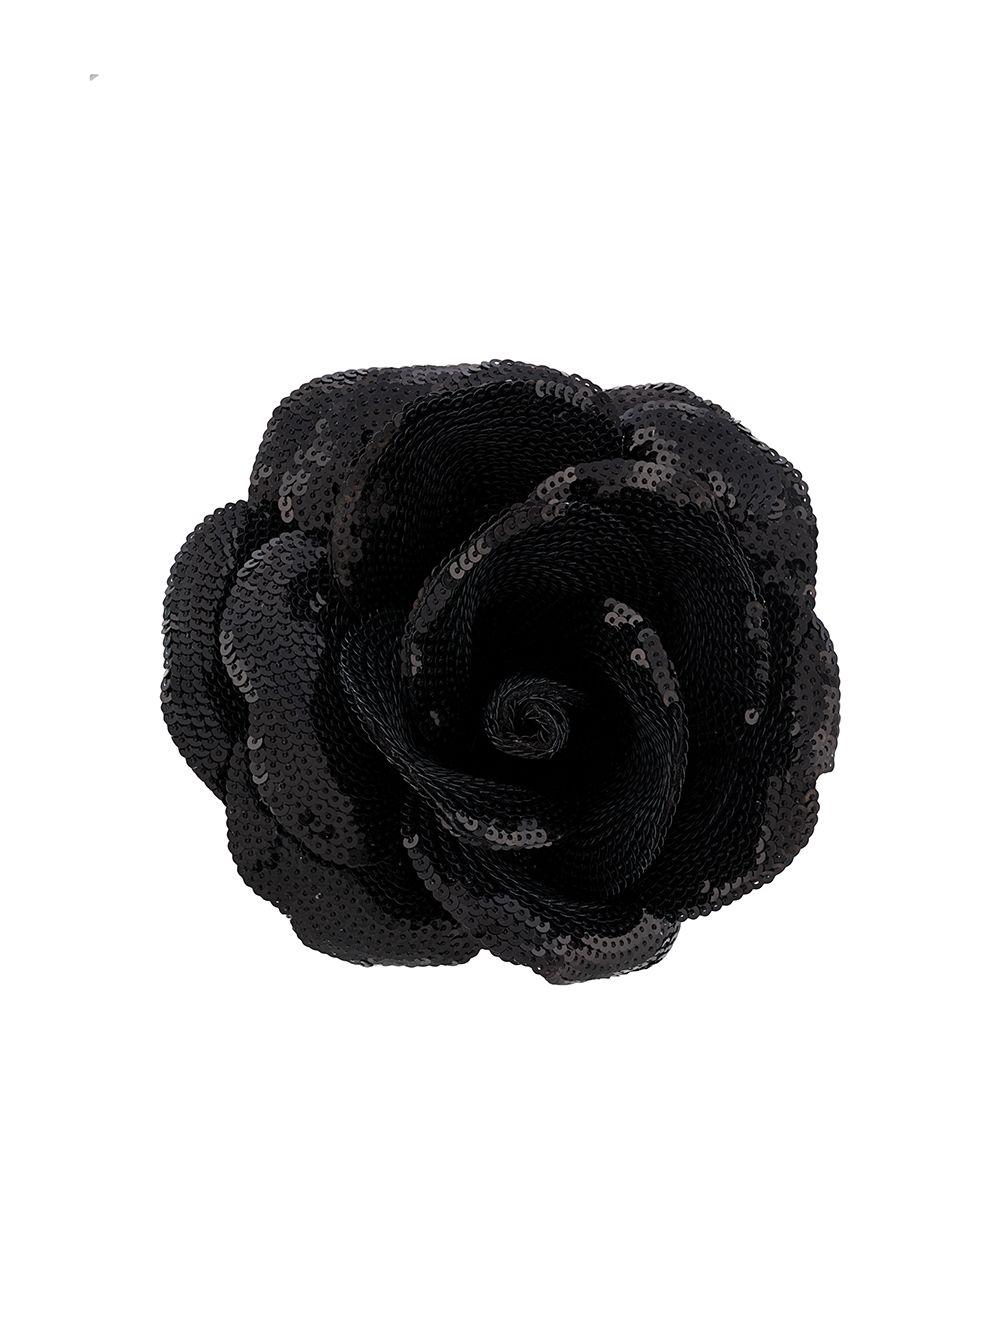 Sequin-embellished Rose Brooch